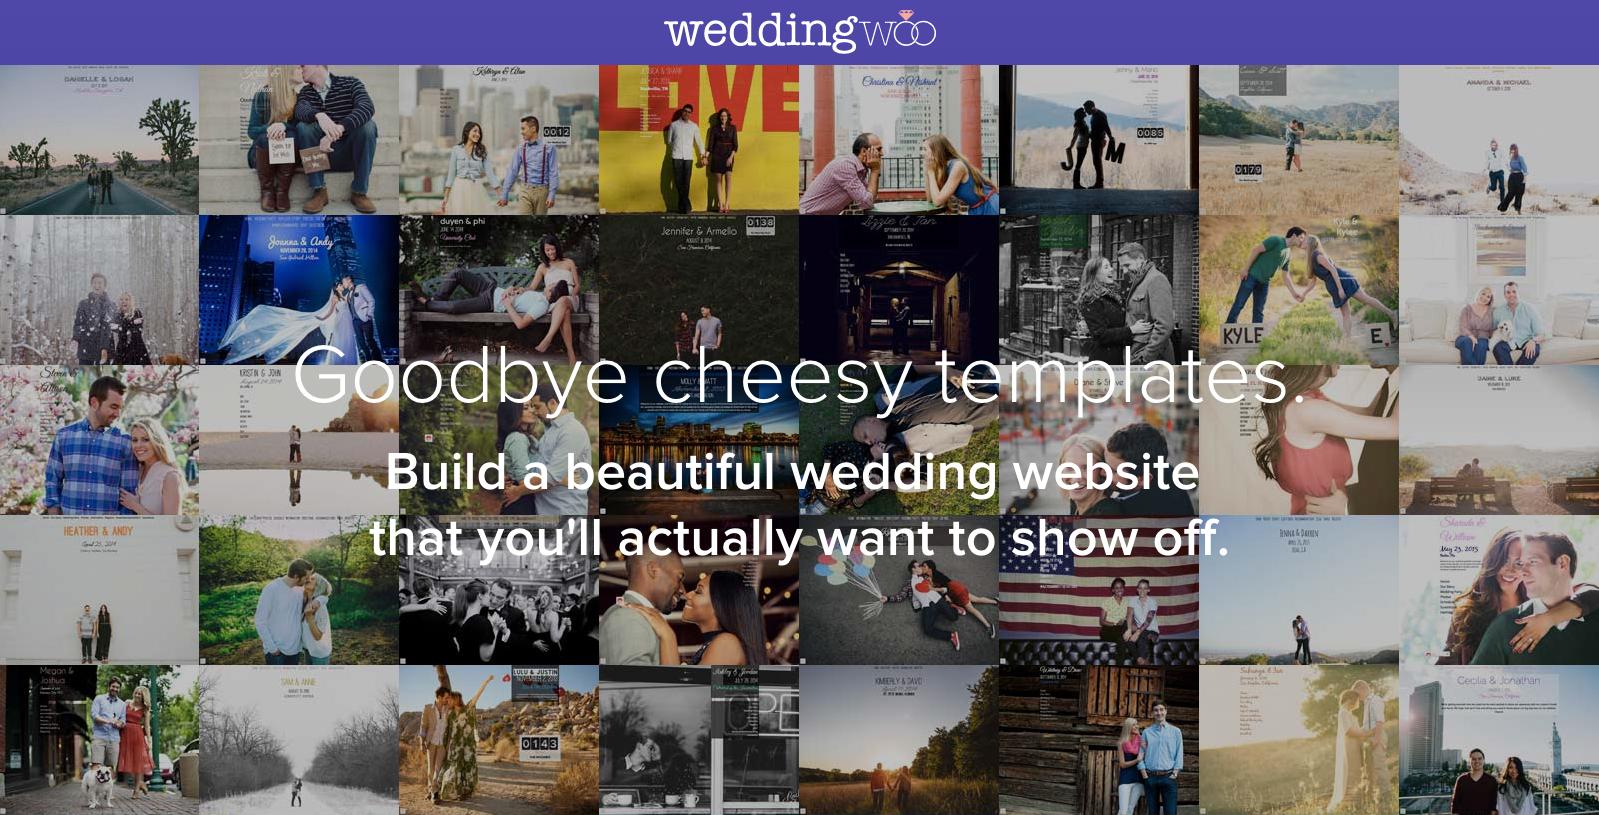 Weddingwoo